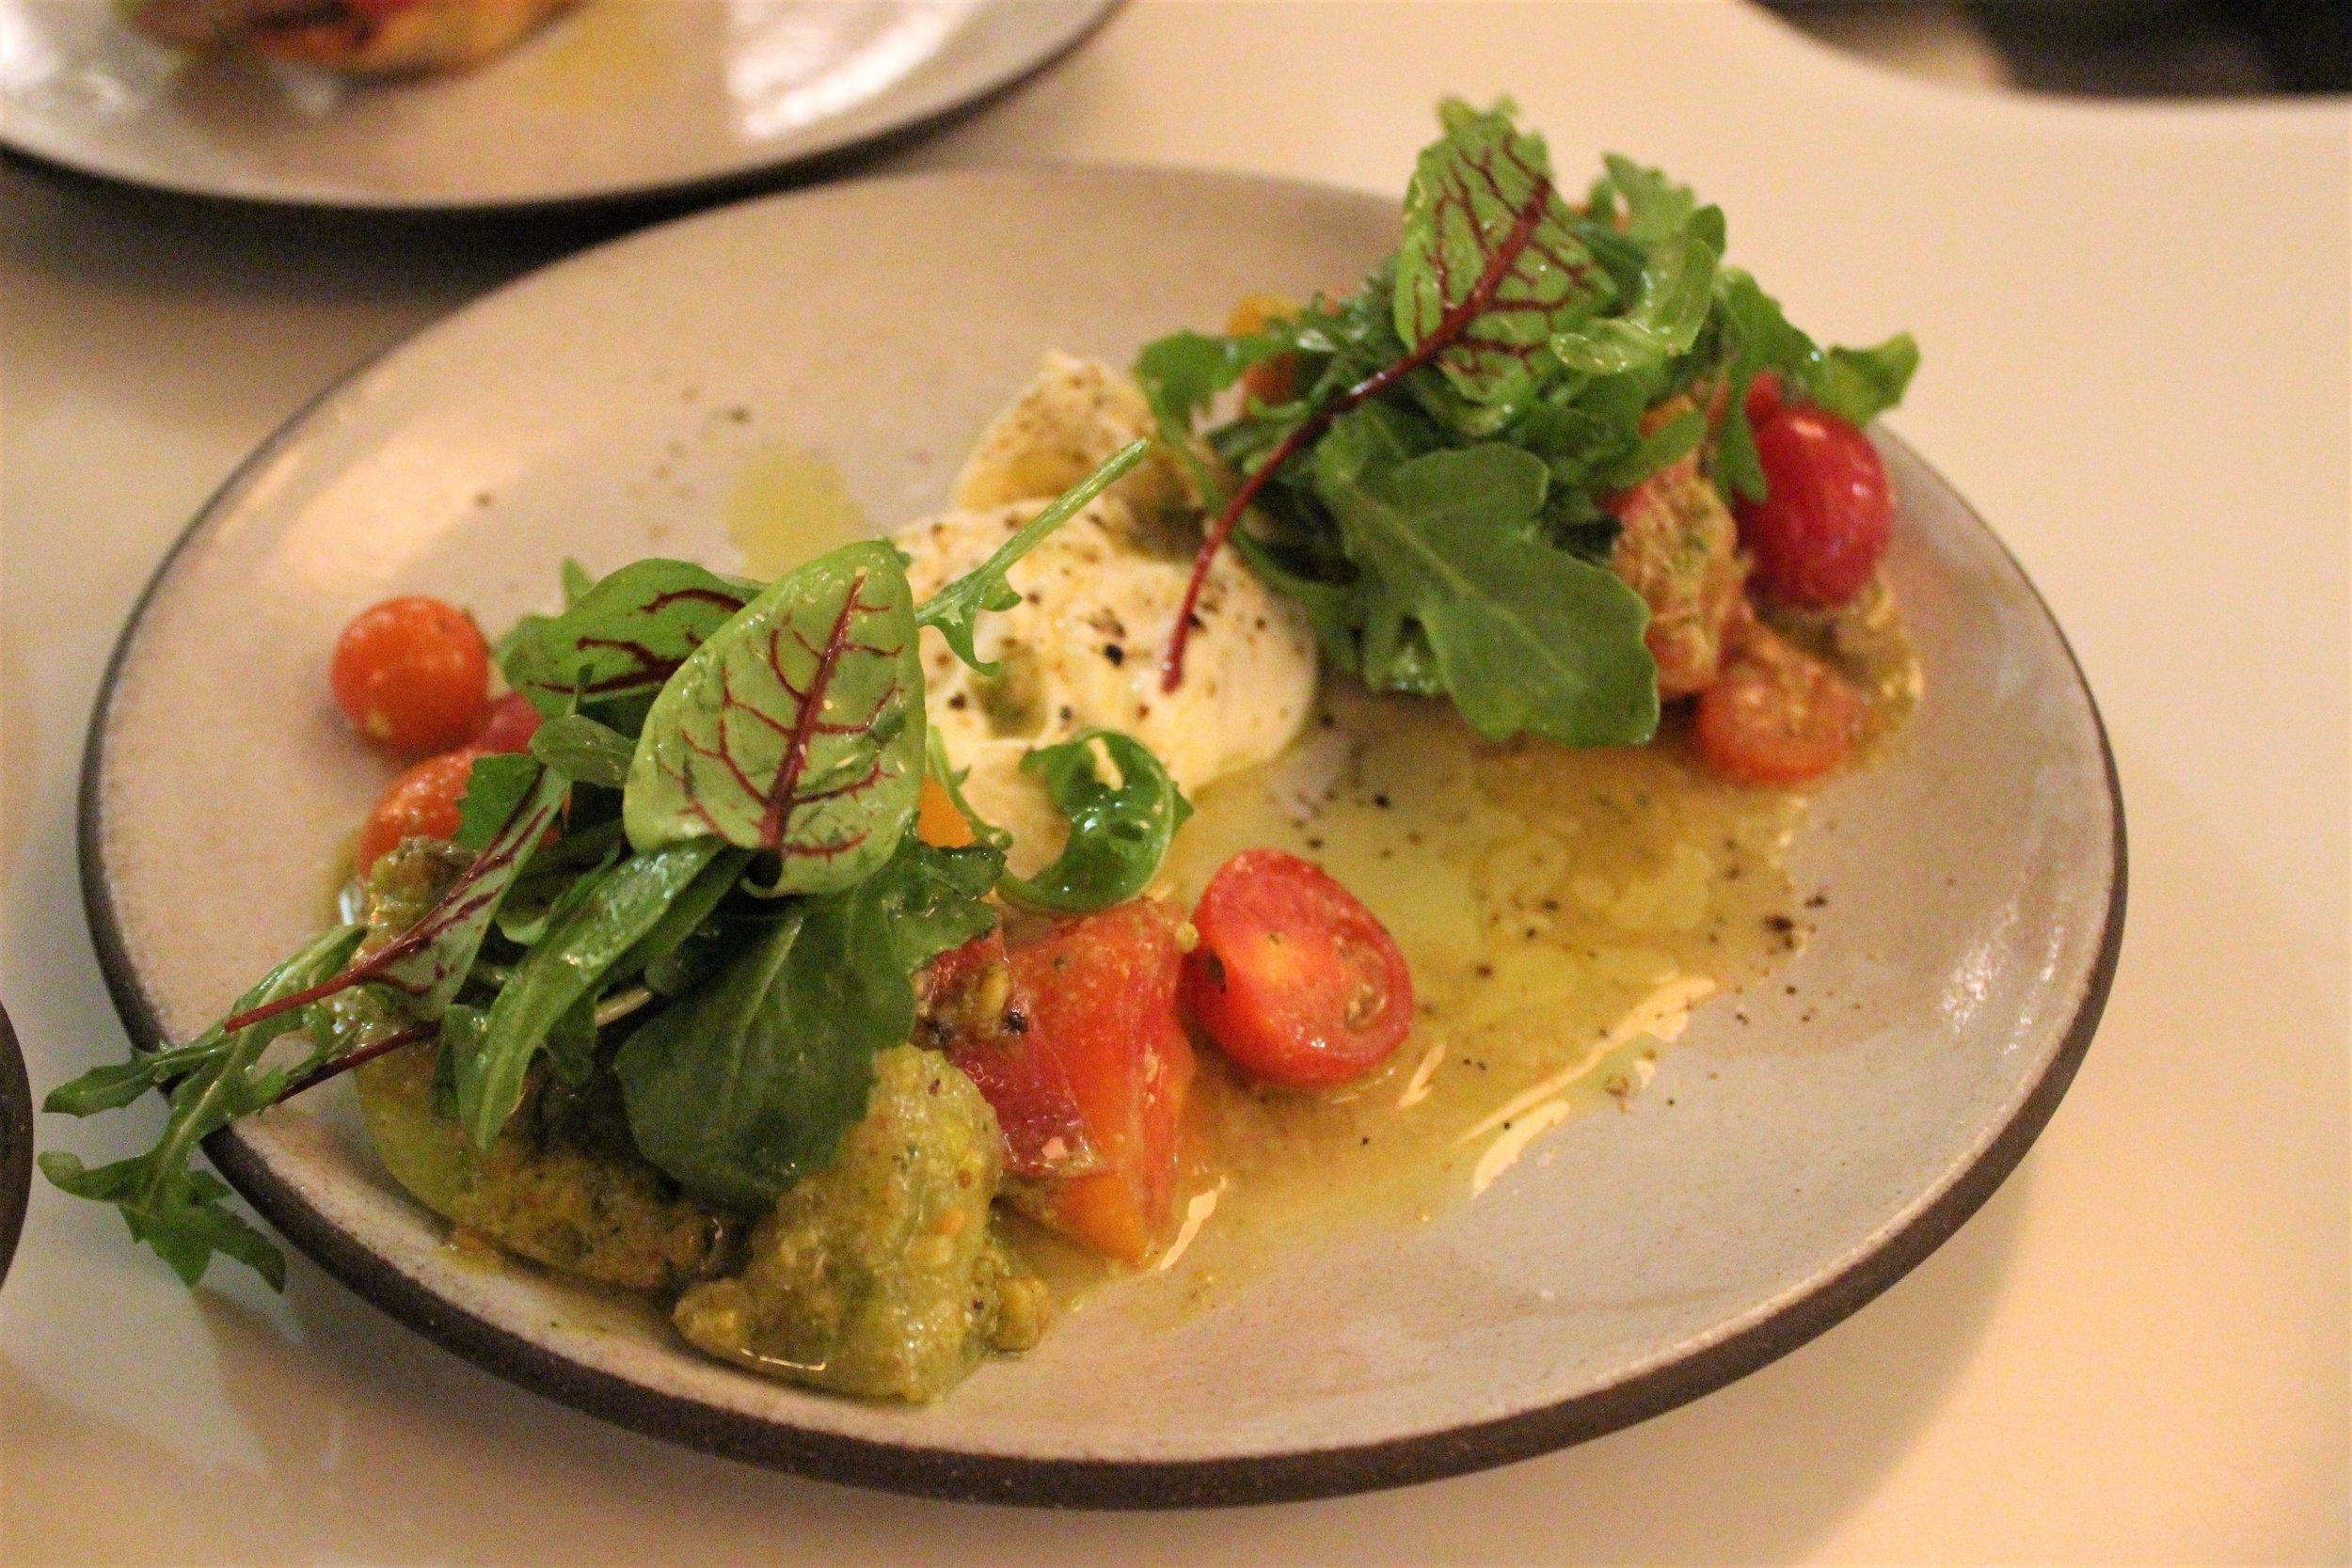 Heirloom Tomato Salad with Burrata at Sportello in Boston